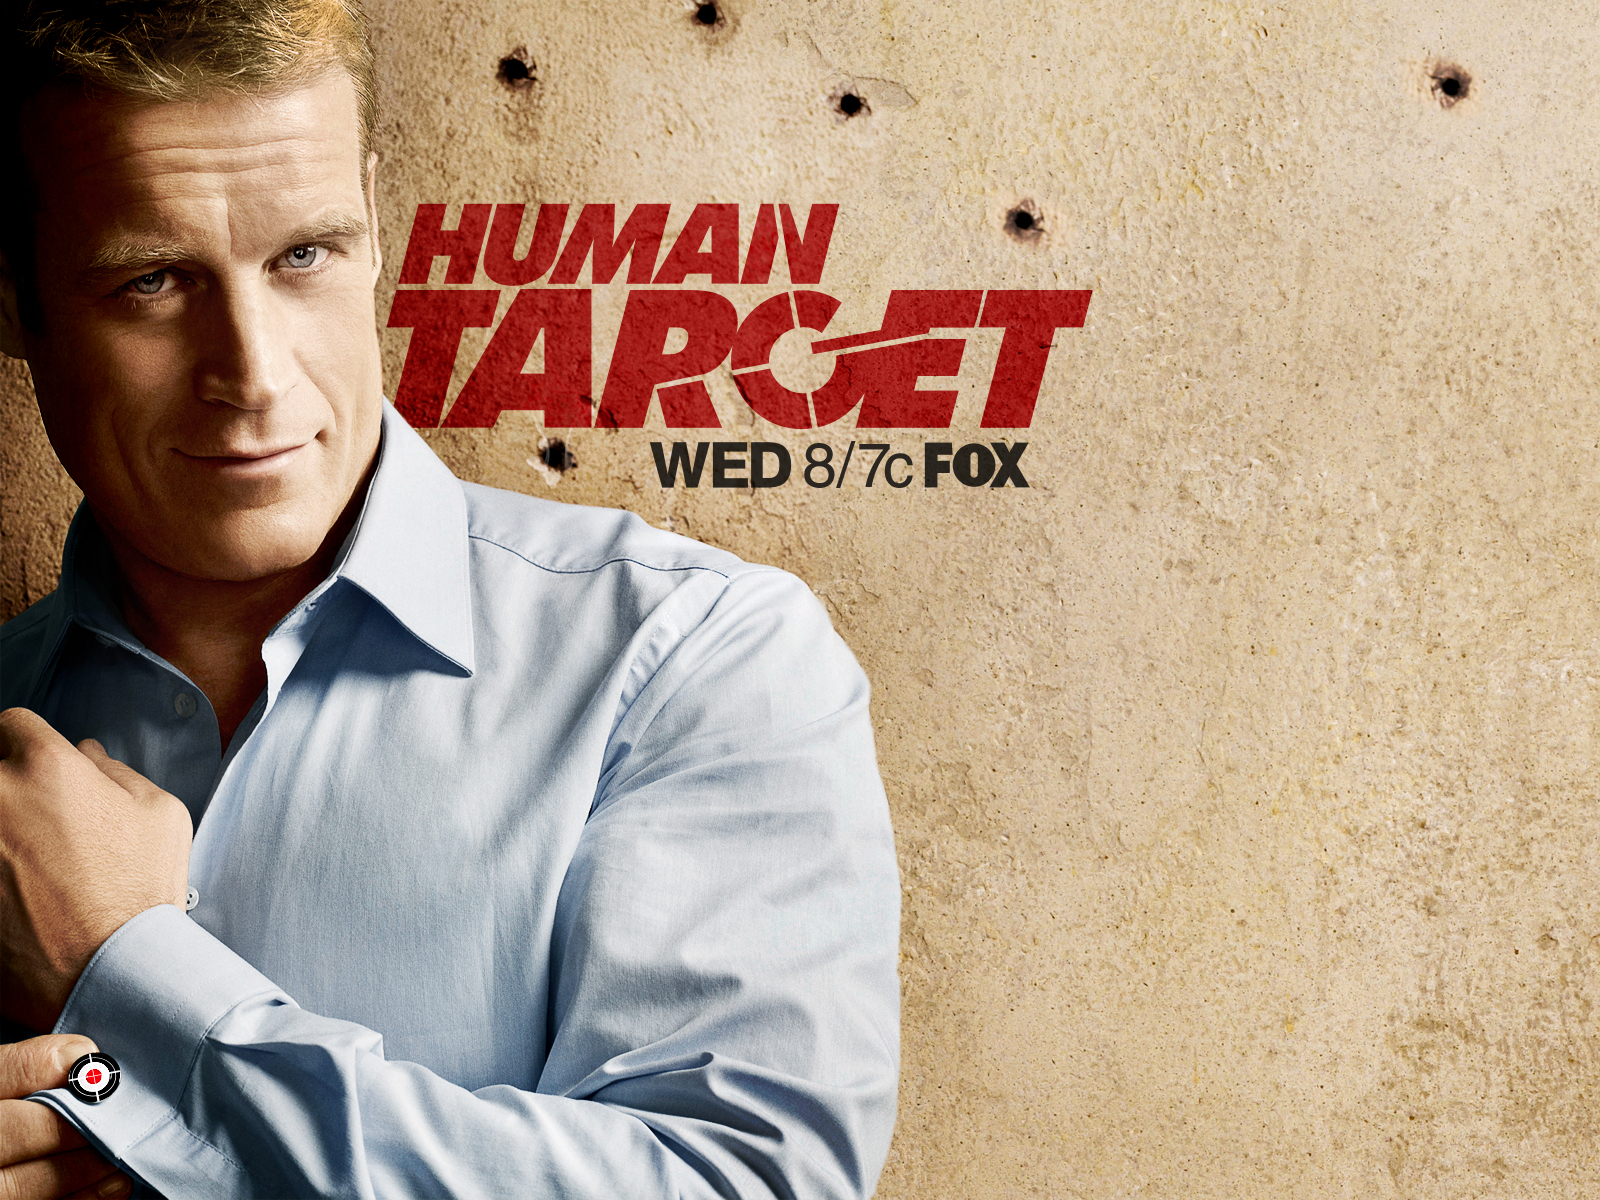 Human-Target-01.jpg